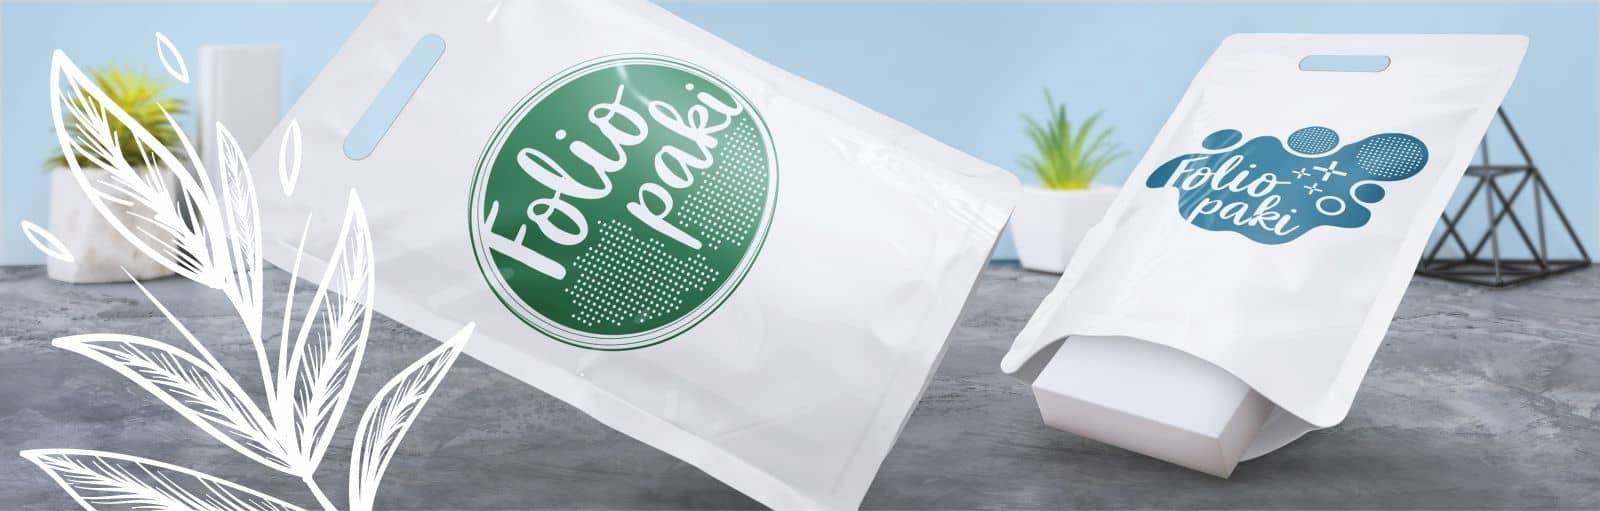 ekologiczne foliopaki z logo firmy